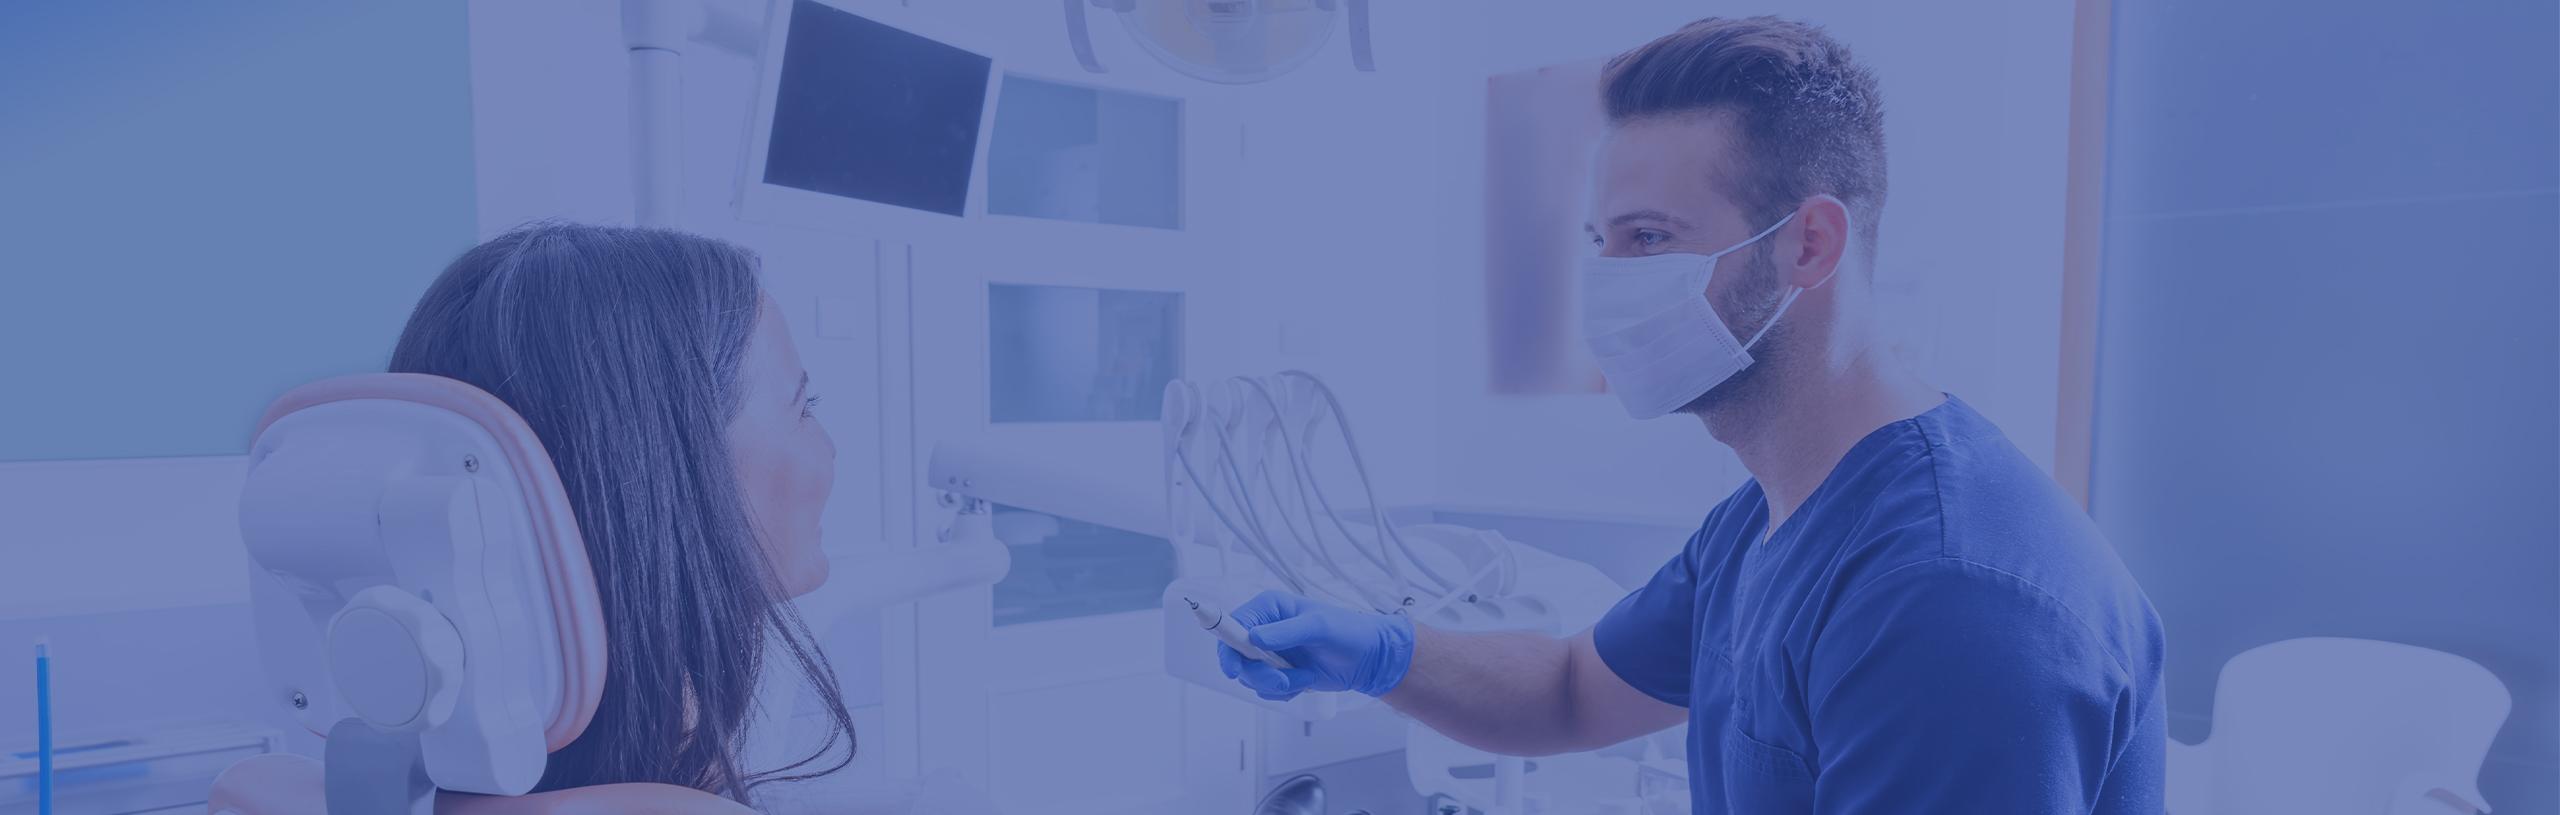 dentist speaking to a patient header